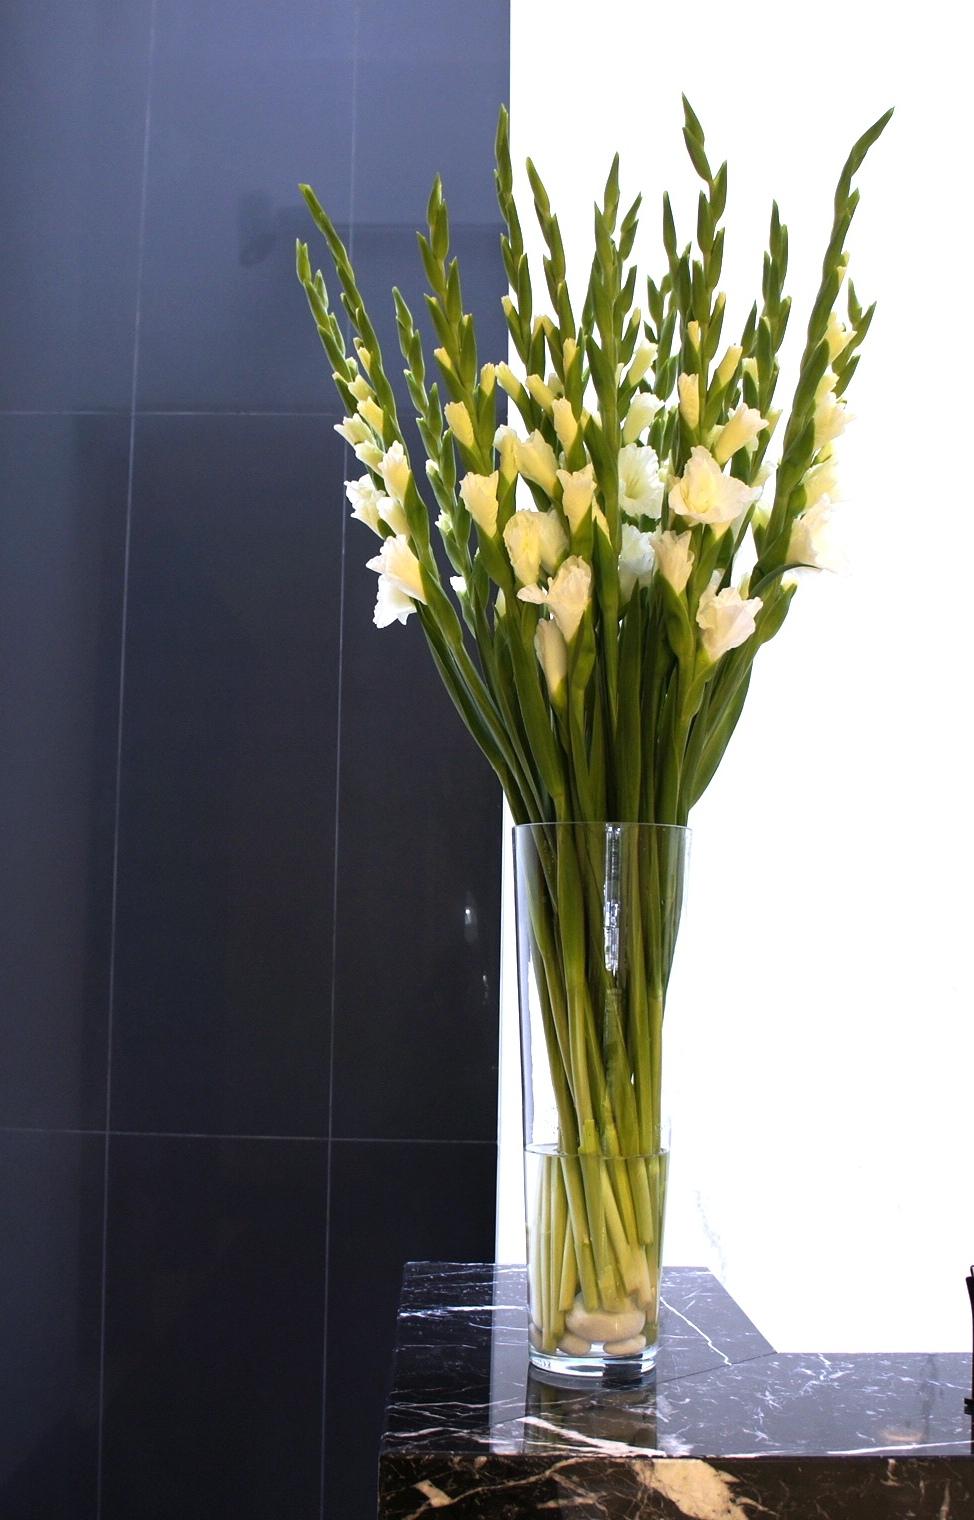 dekoracja recepcji z kwiatów mieczyków